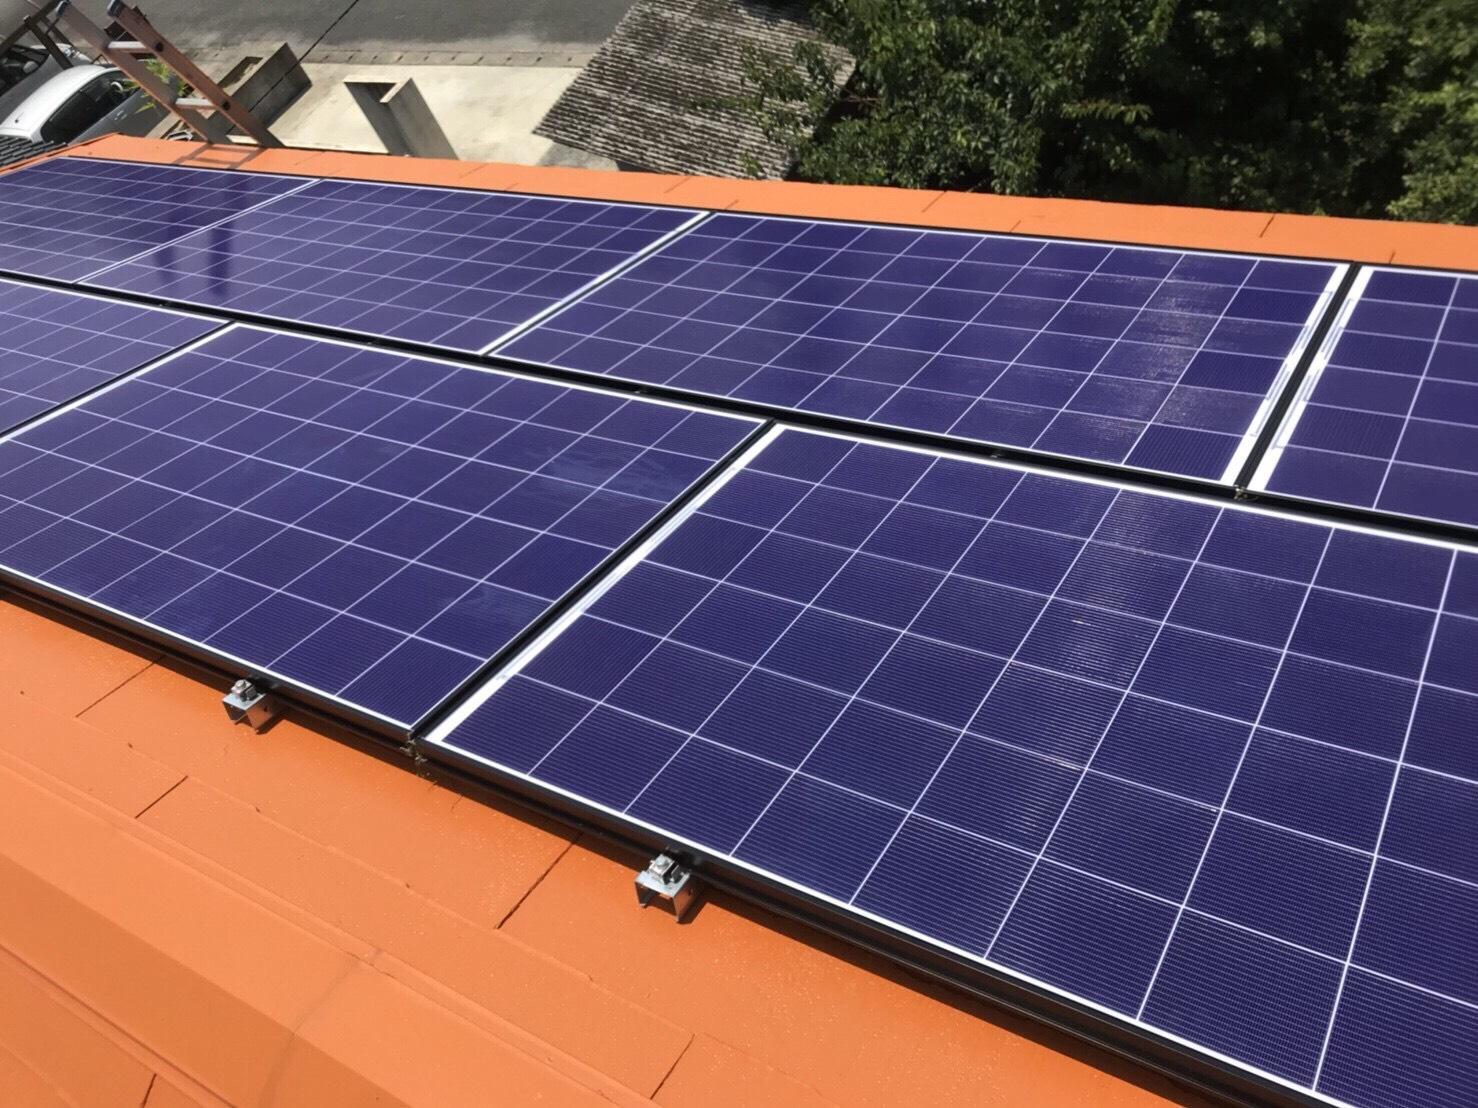 長州産業の太陽光発電システムモジュール CS-320G31